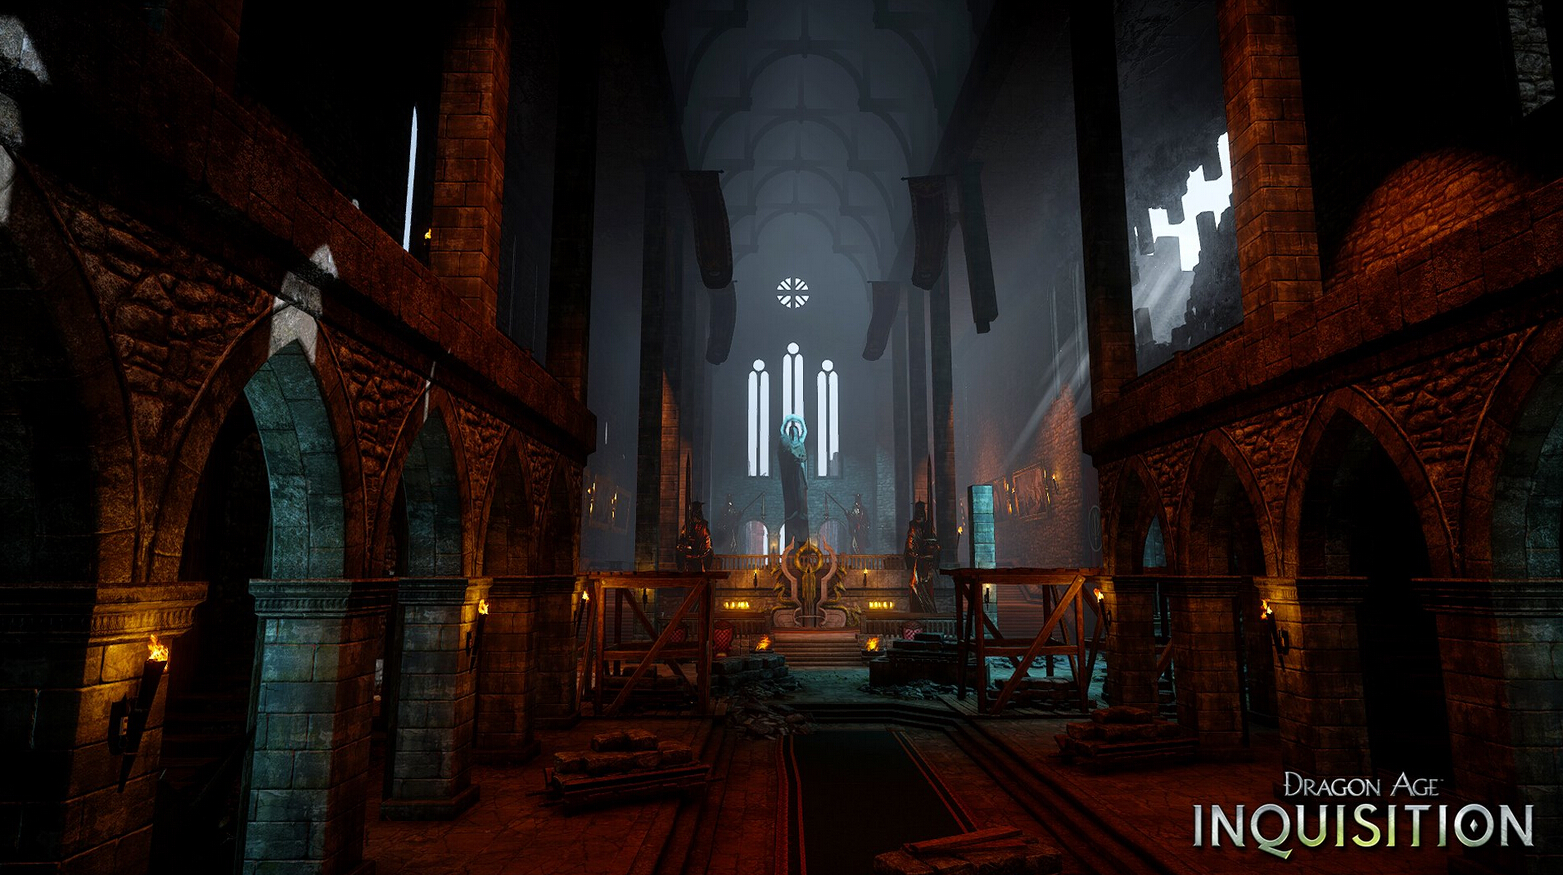 《龙腾世纪:审判》幽暗古堡场景截图公布